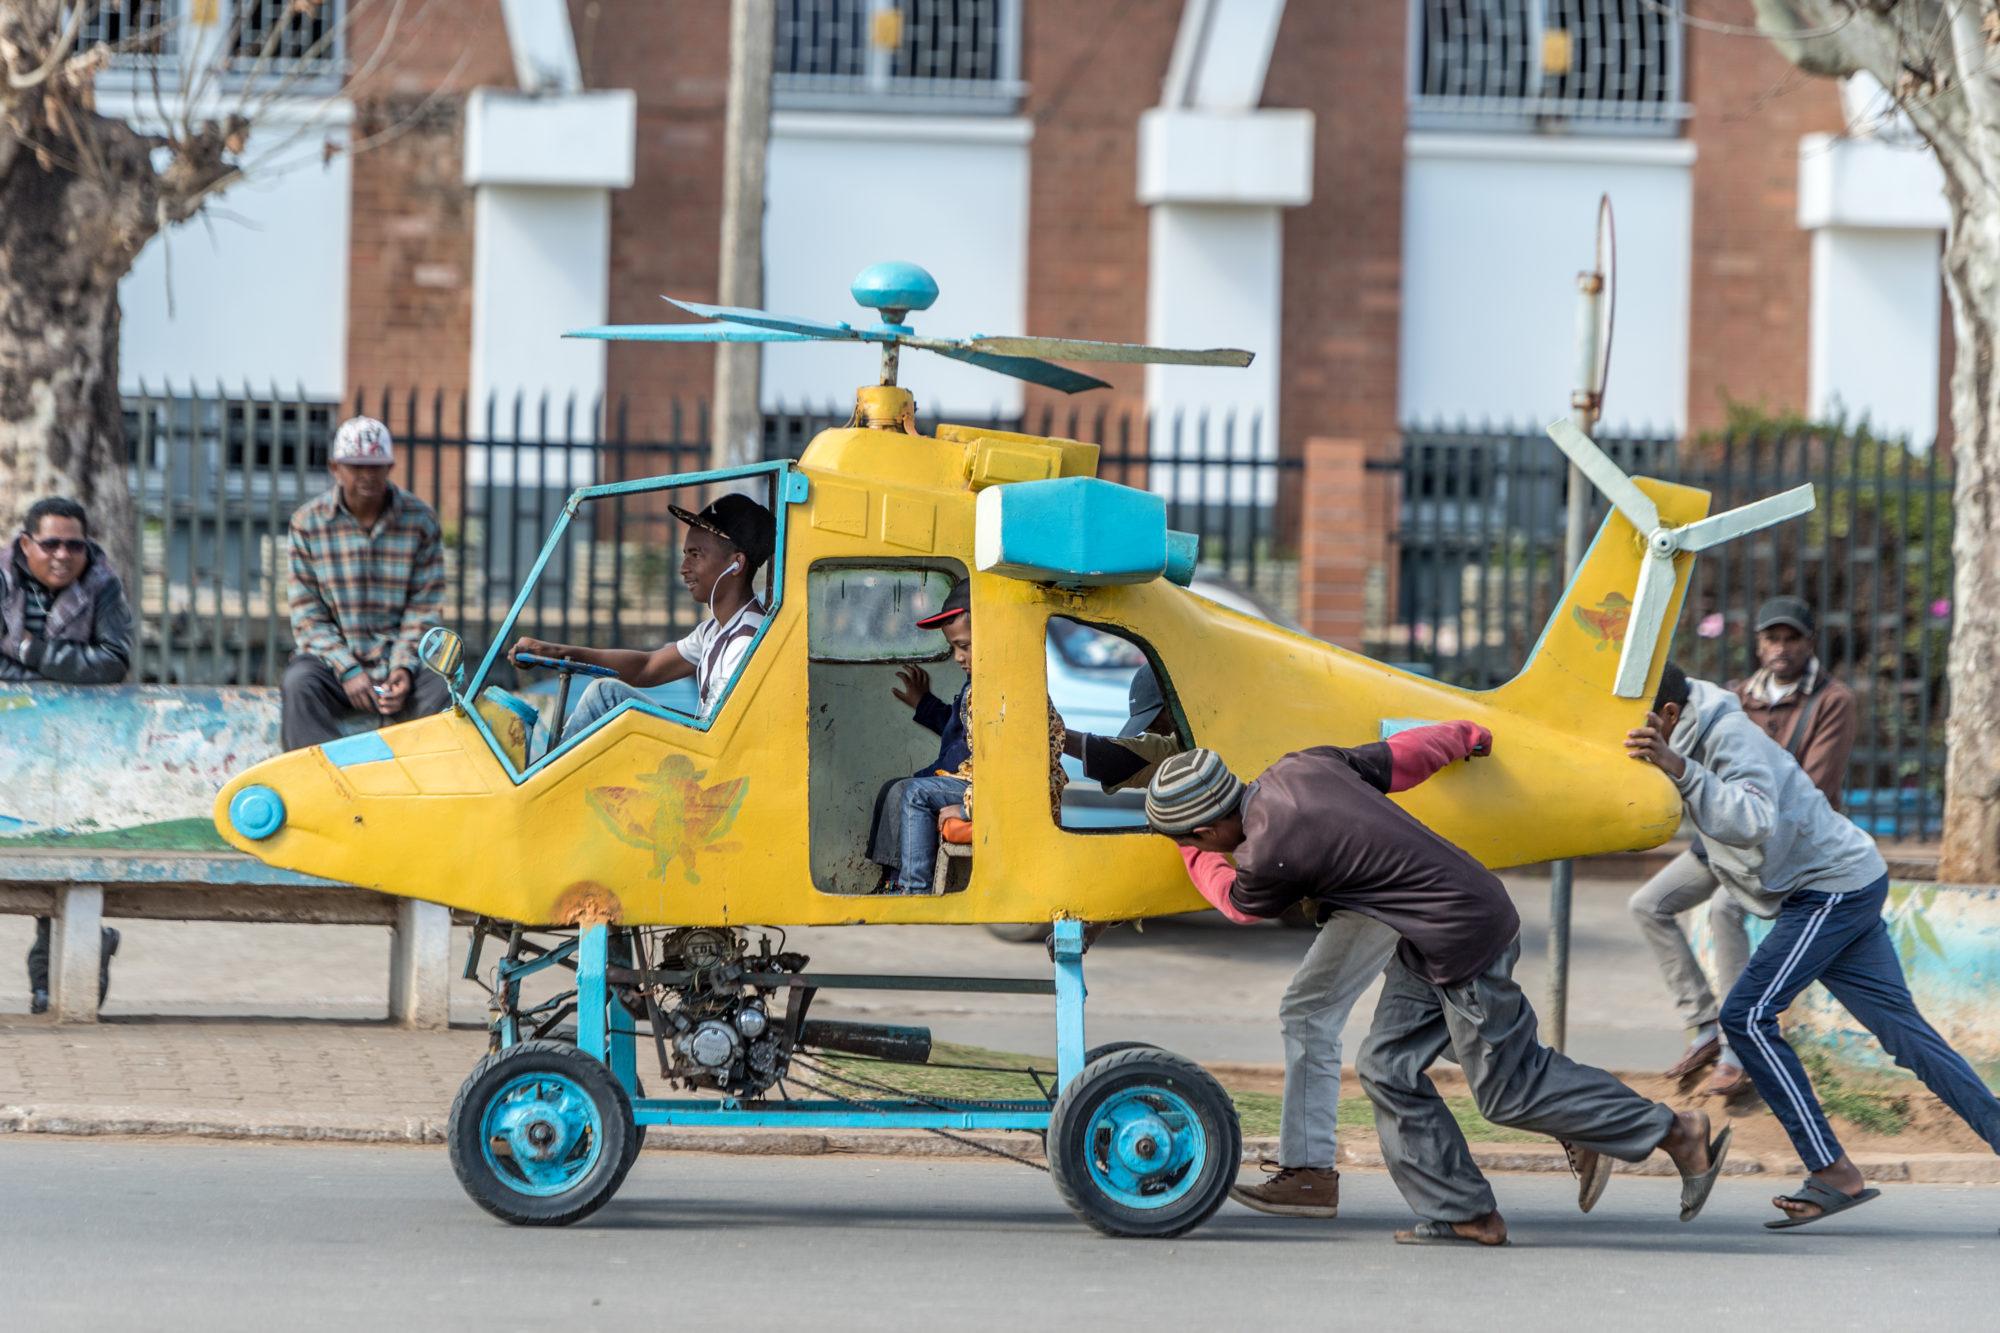 Un Elicottero : Bambino su un elicottero giocattolo trascinato da degli uomini